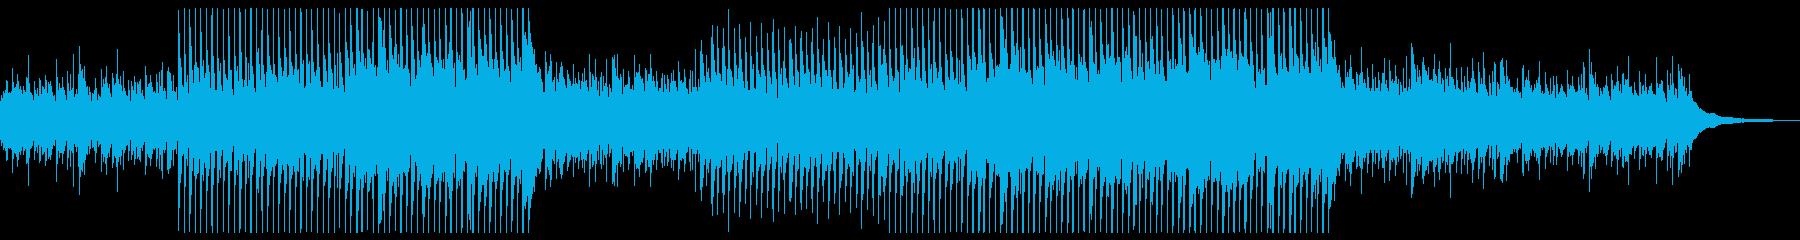 企業VP,穏やかアコースティックギターの再生済みの波形